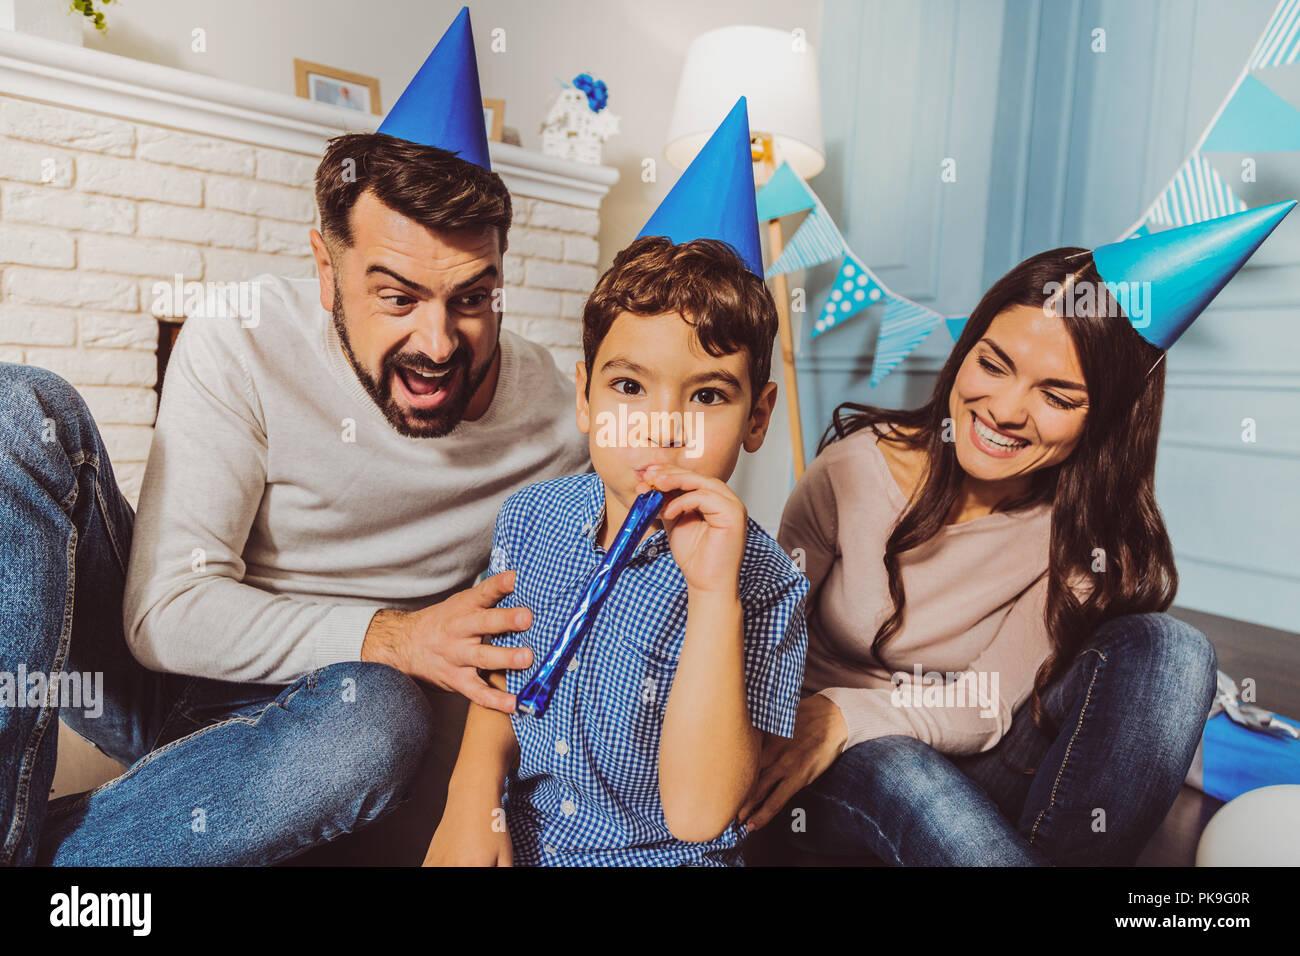 Amorevole famiglia Nizza godendo di festa di compleanno Foto Stock